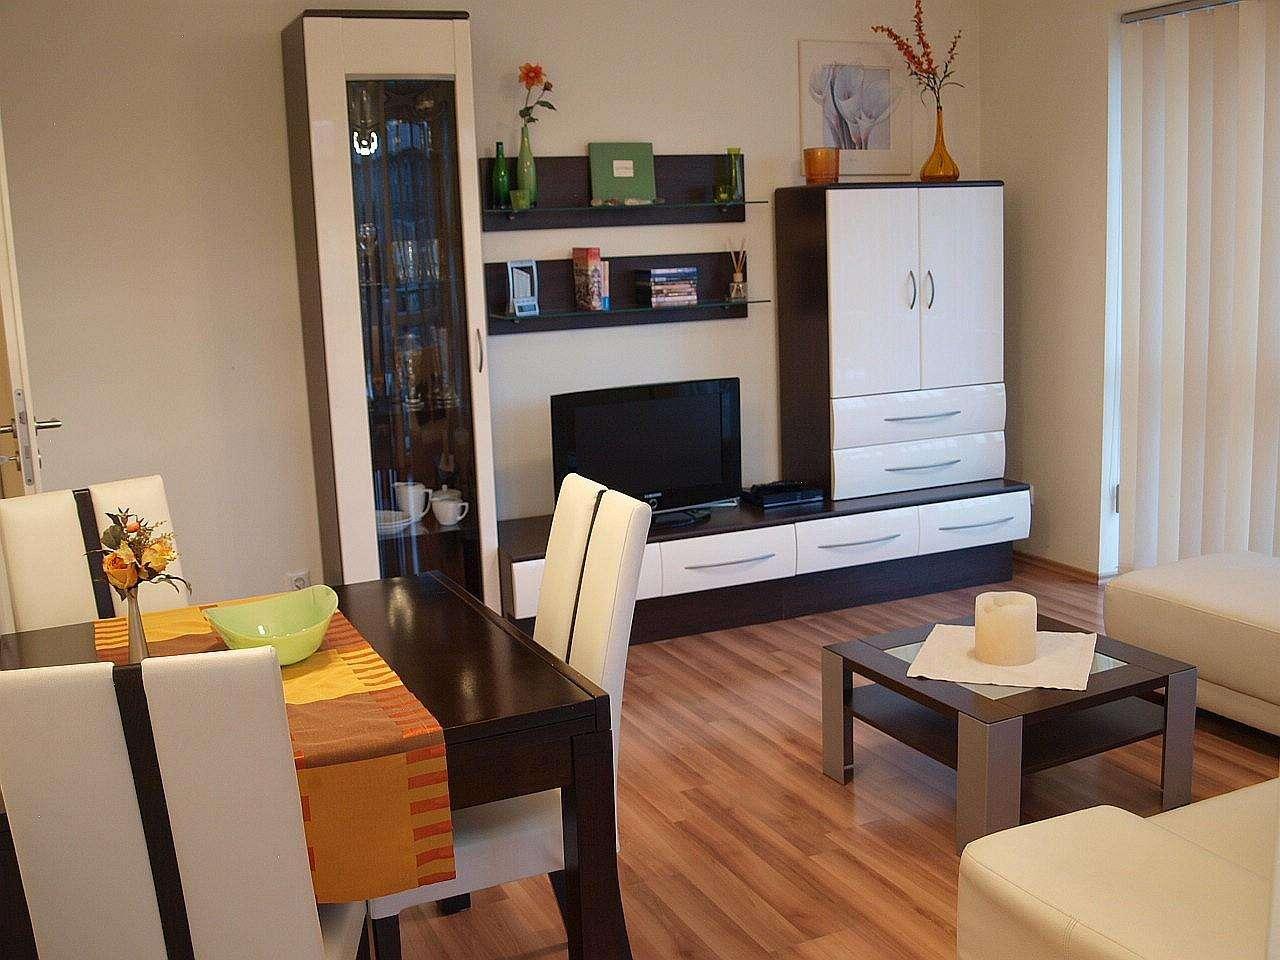 Vermietung auf Zeit - möbliert 2-Zimmer-Wohnung in perfekter Lage, Obj. T/0384-2 in Bad Tölz